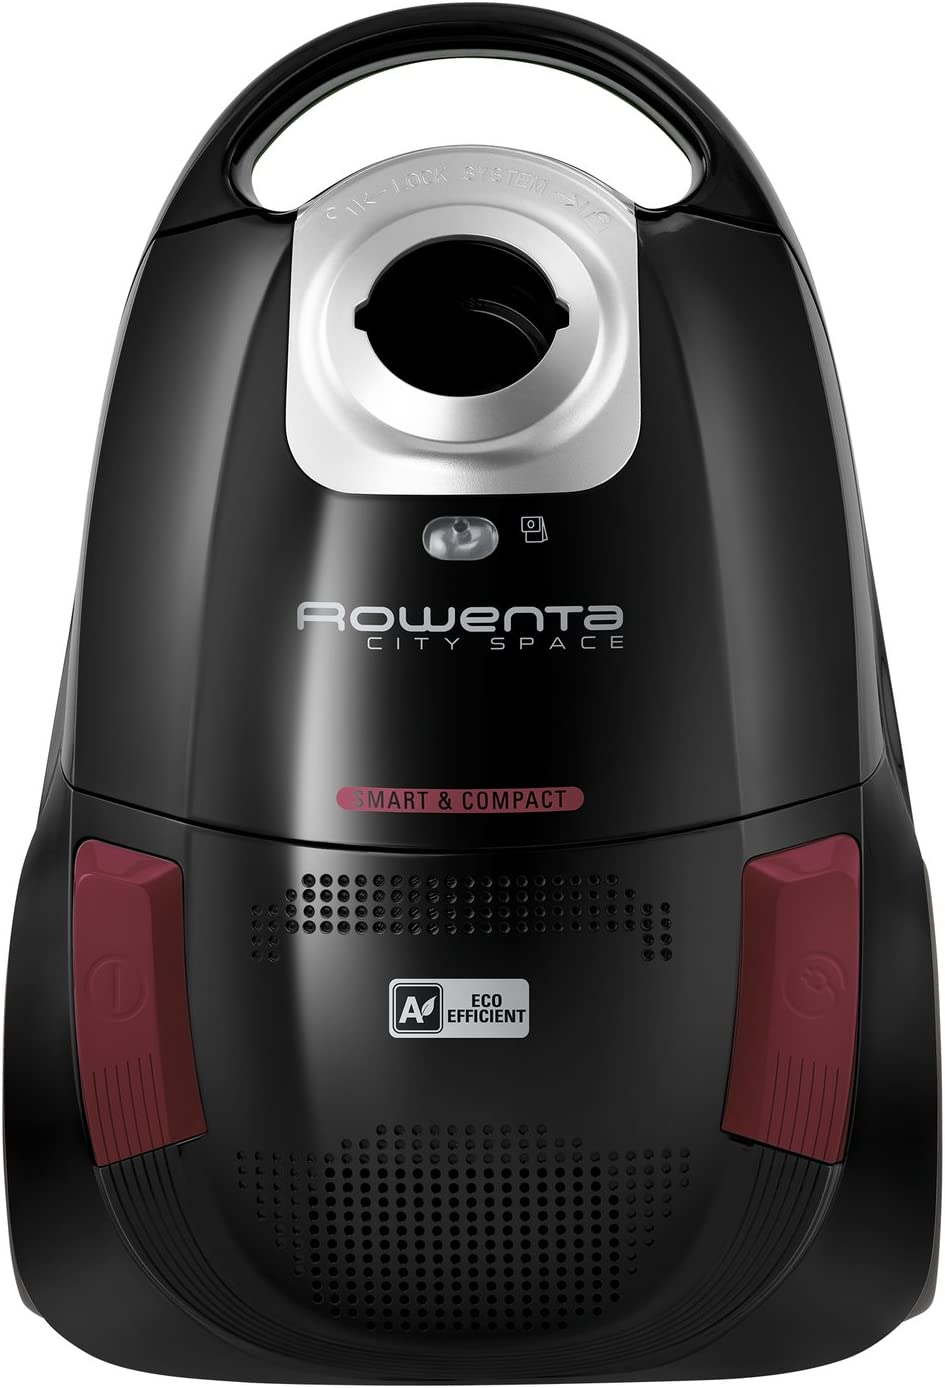 Rowenta City Space RO2669 - Aspiradora (750 W, Aspiradora cilíndrica, Secar, Bolsa para el Polvo, 2,5 L, Filtrado): Amazon.es: Hogar